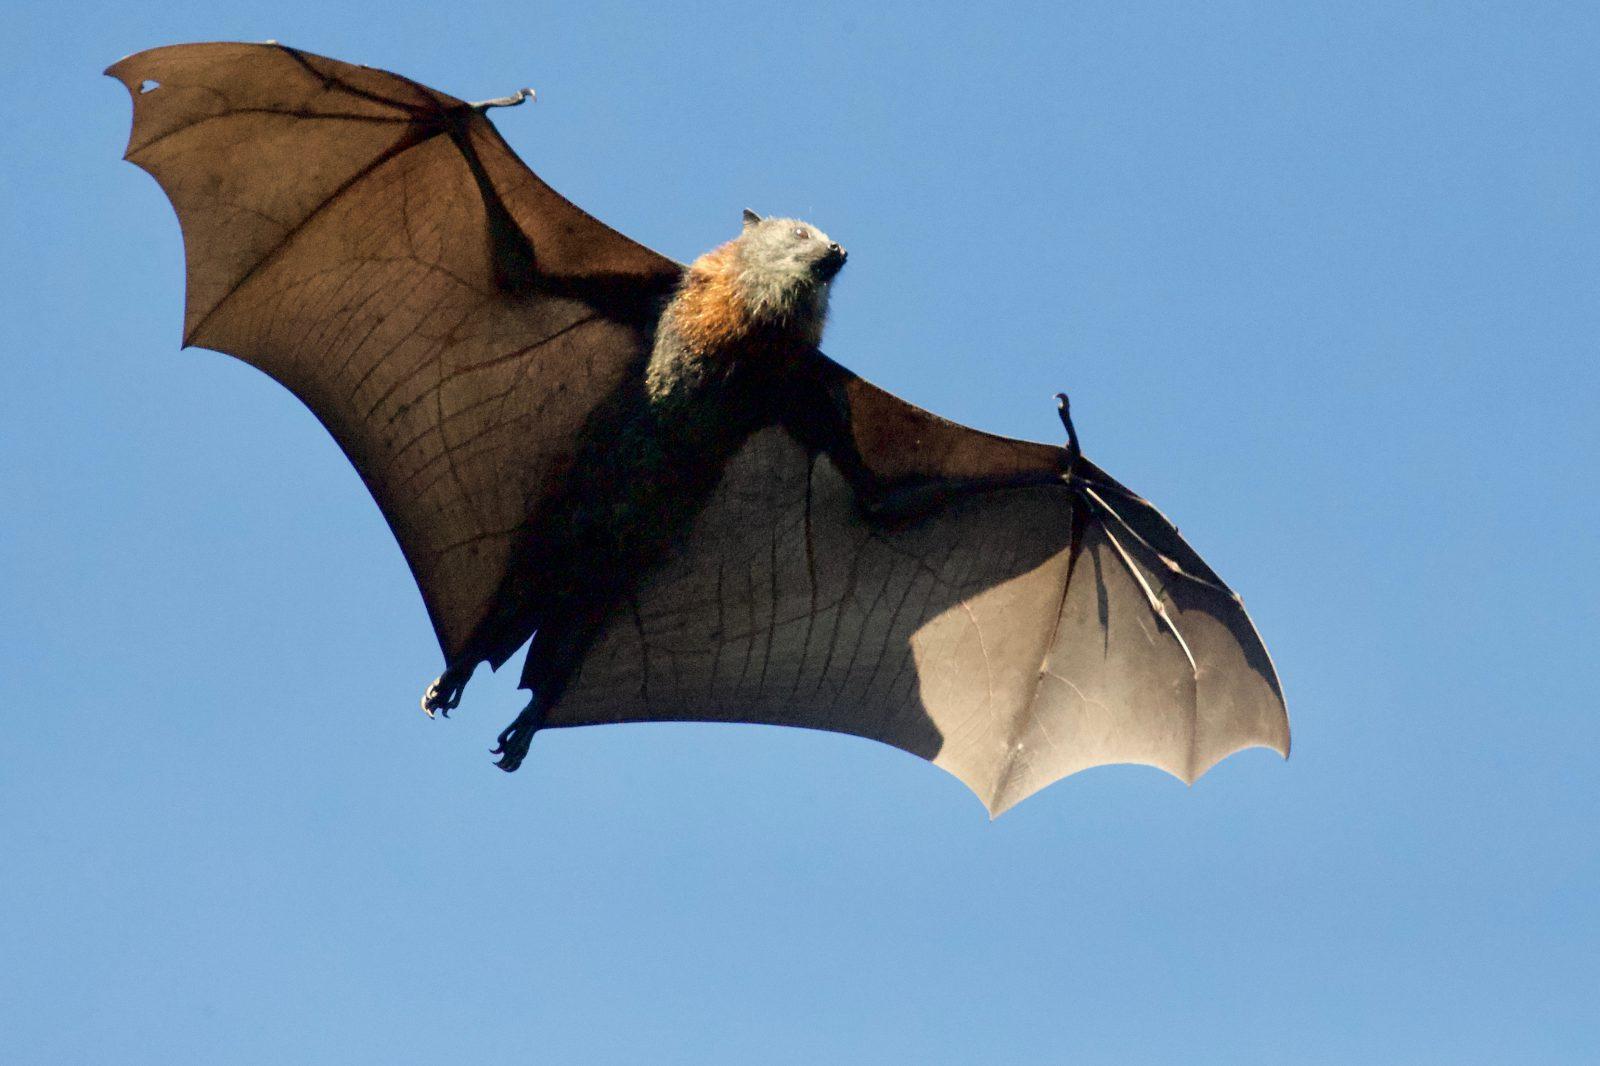 Os morcegos são animais mamíferos que voam.